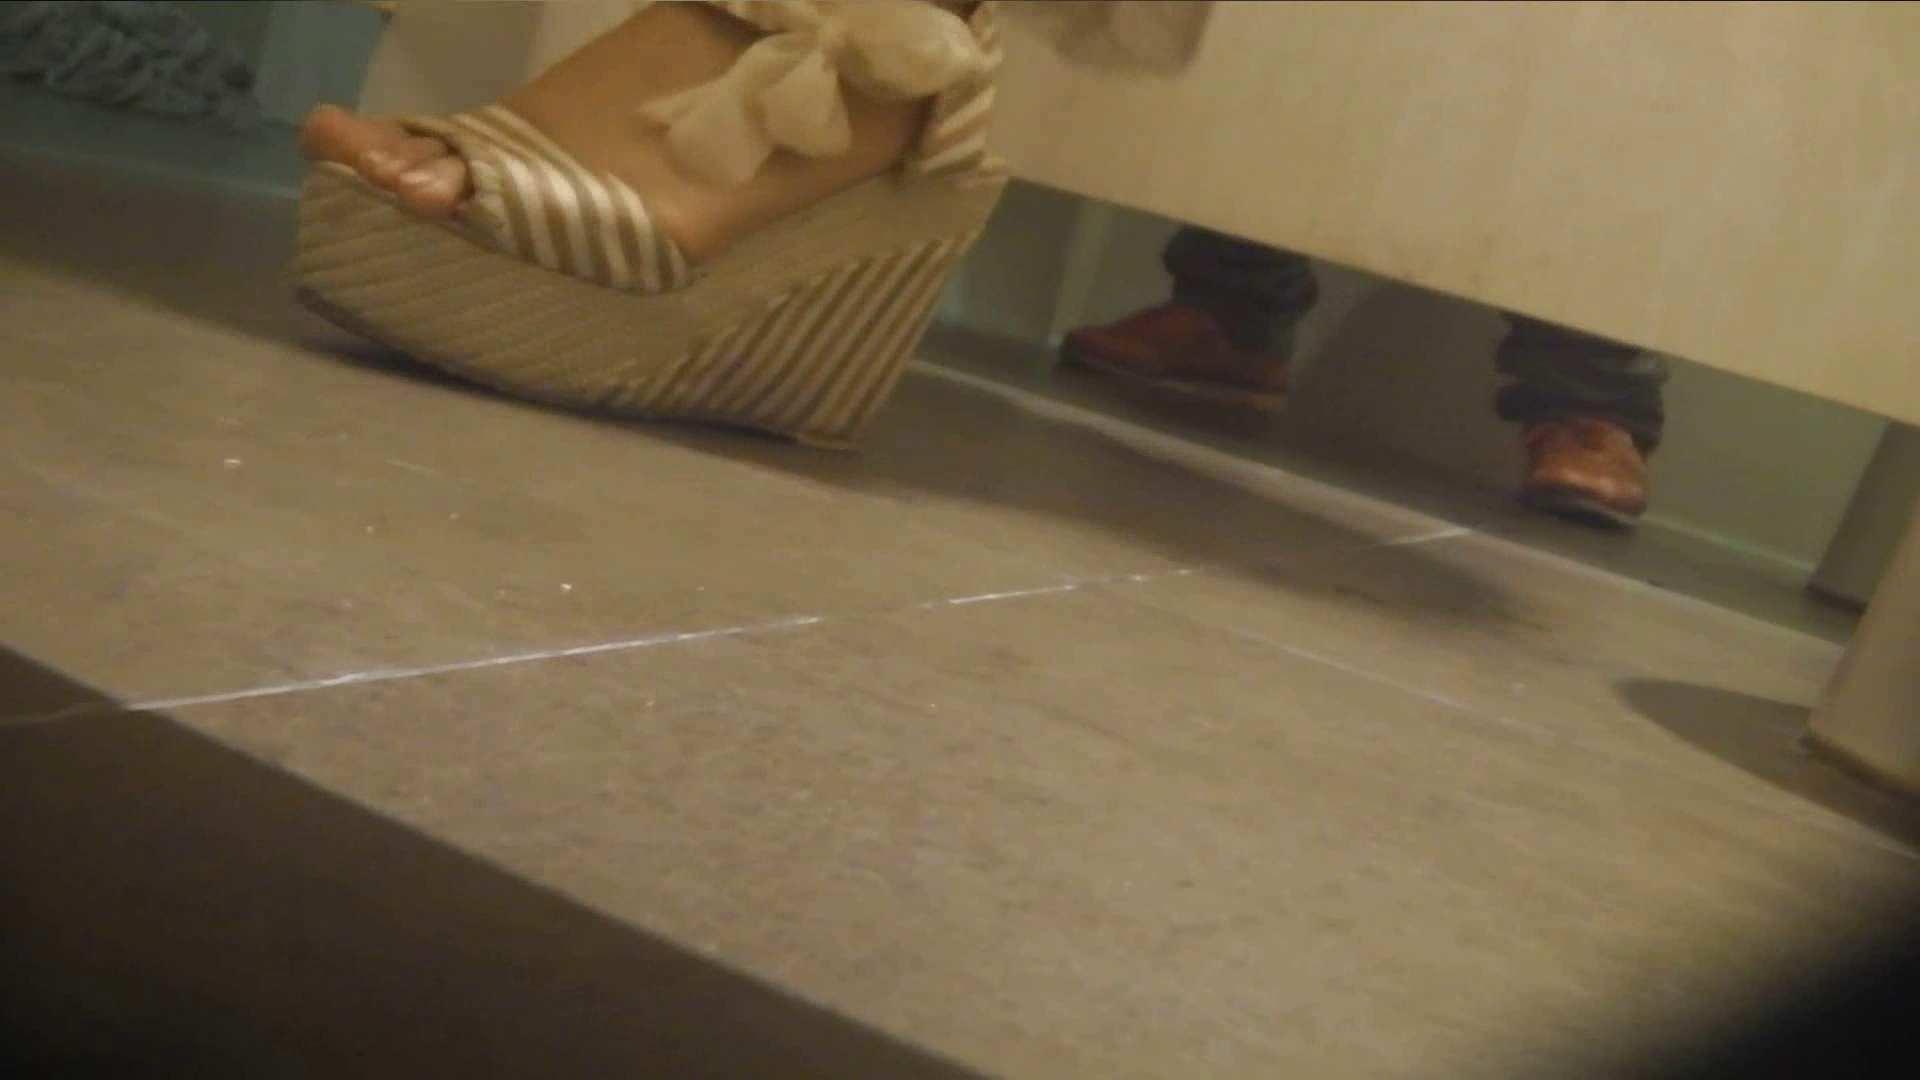 阿国ちゃんの「和式洋式七変化」No.15 洗面所 | お姉さん攻略  50画像 37